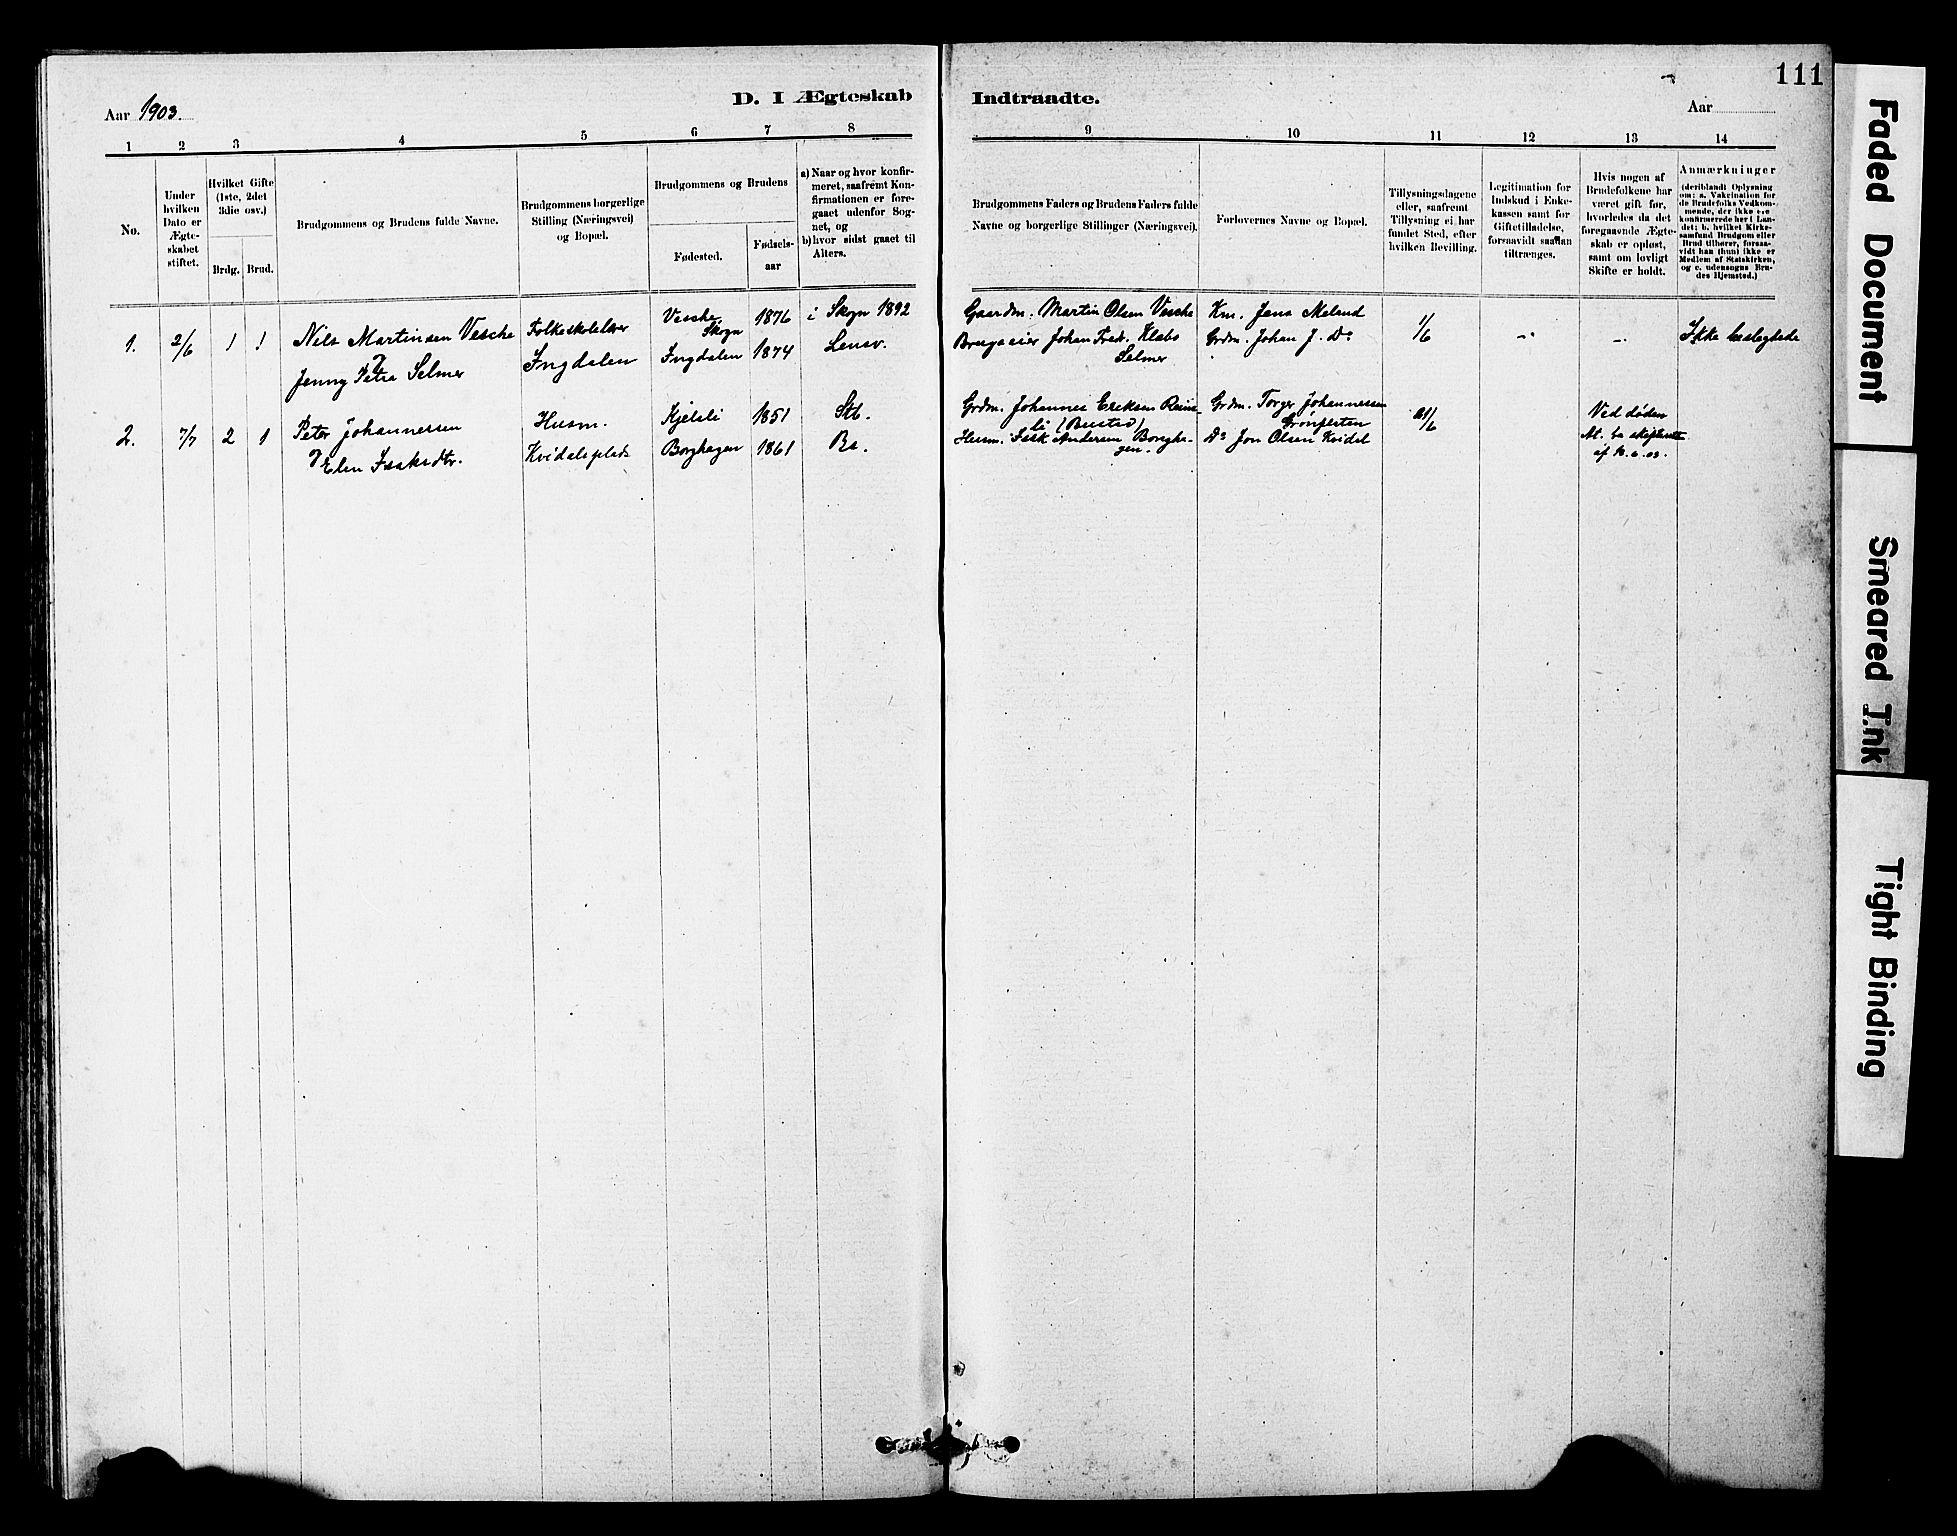 SAT, Ministerialprotokoller, klokkerbøker og fødselsregistre - Sør-Trøndelag, 646/L0628: Klokkerbok nr. 646C01, 1880-1903, s. 111